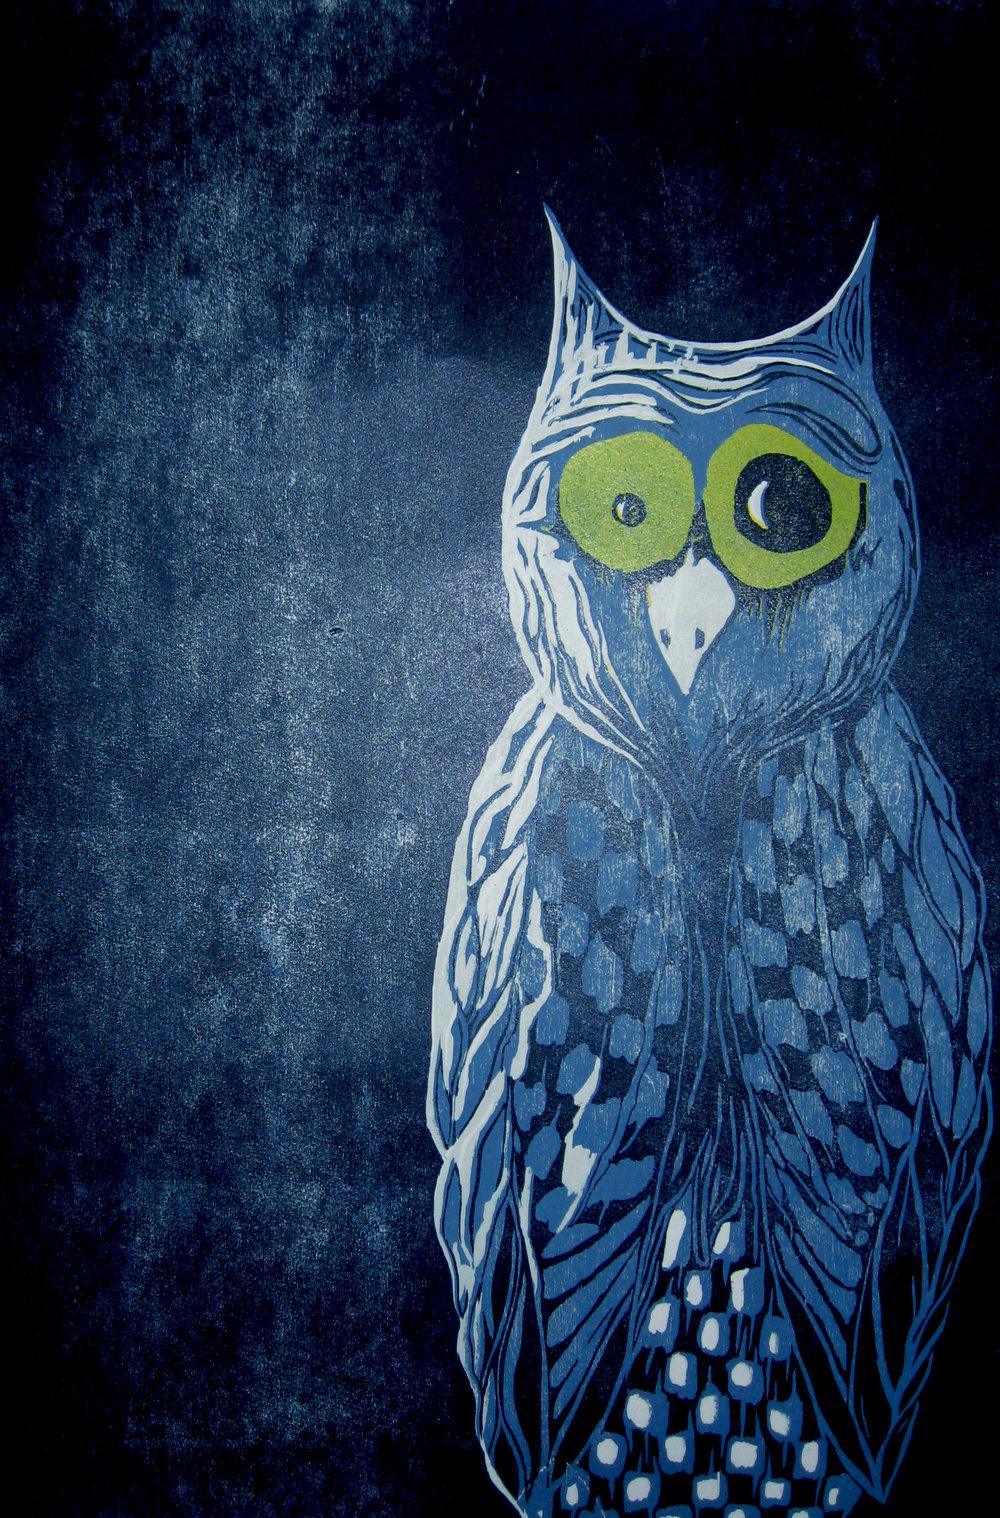 Un oiseau dans la nuit